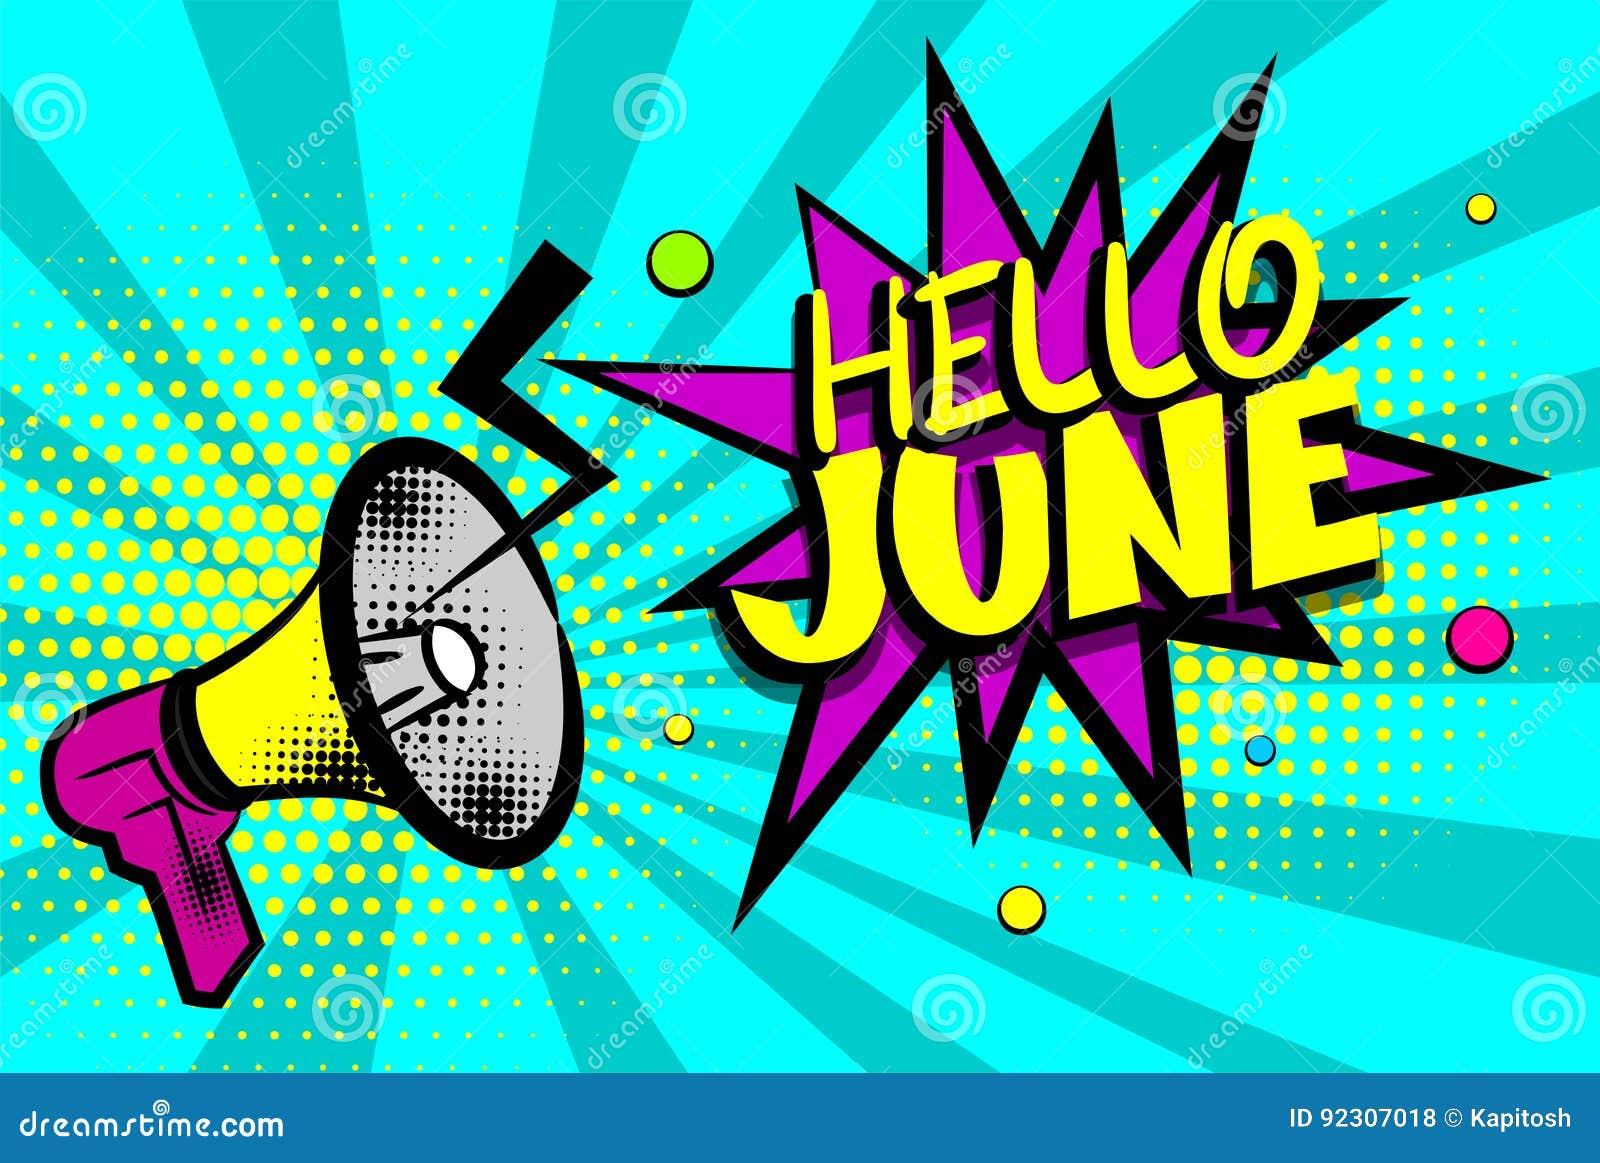 Bonjour L Art De Bruit Comique Des Textes De Juin A Coloré